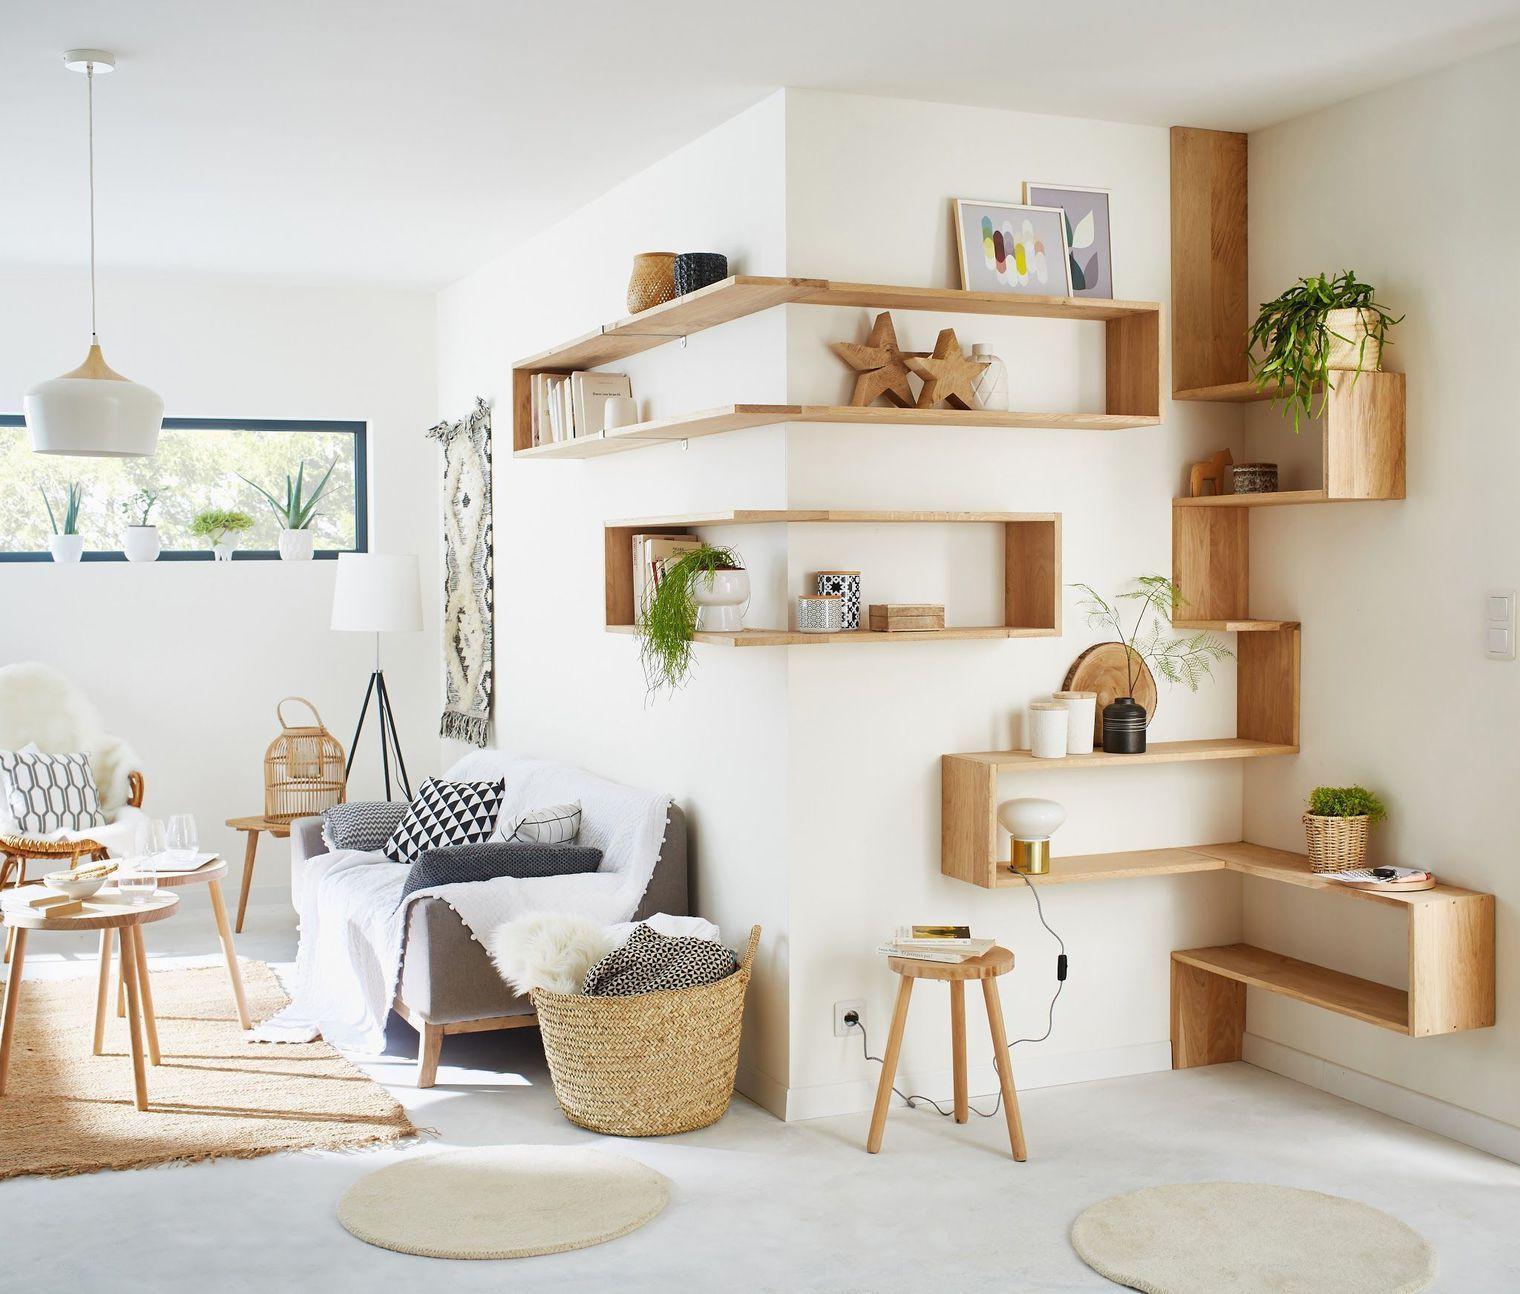 Deco Nature Salon déco salon nature : canapé, fauteuil, table, coussin